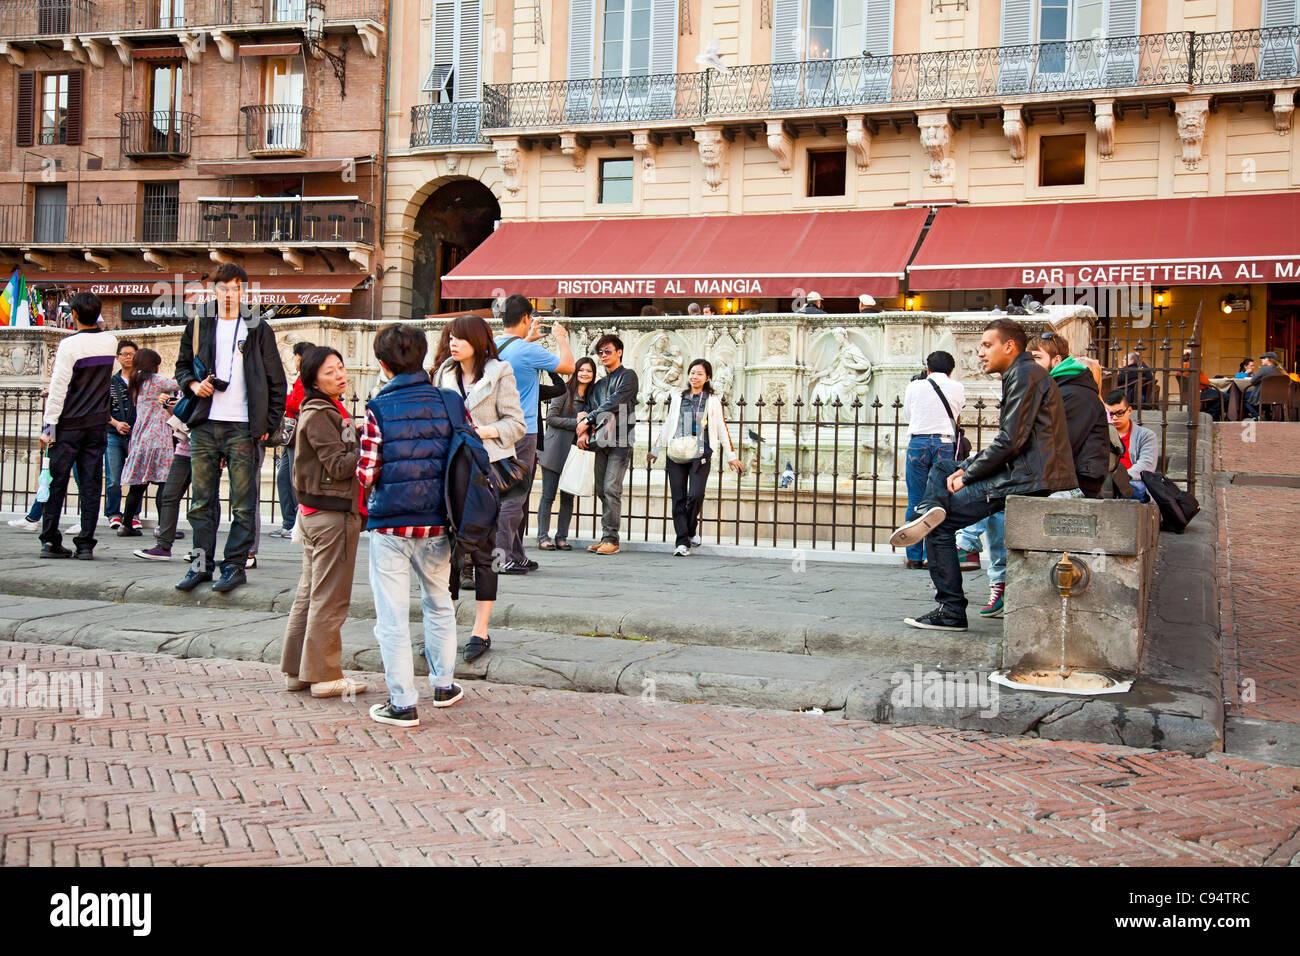 Les touristes à la Fonte Gaia, la Piazza de Campo, dans le centre de Sienne, Toscane, Italie. C'est un Photo Stock